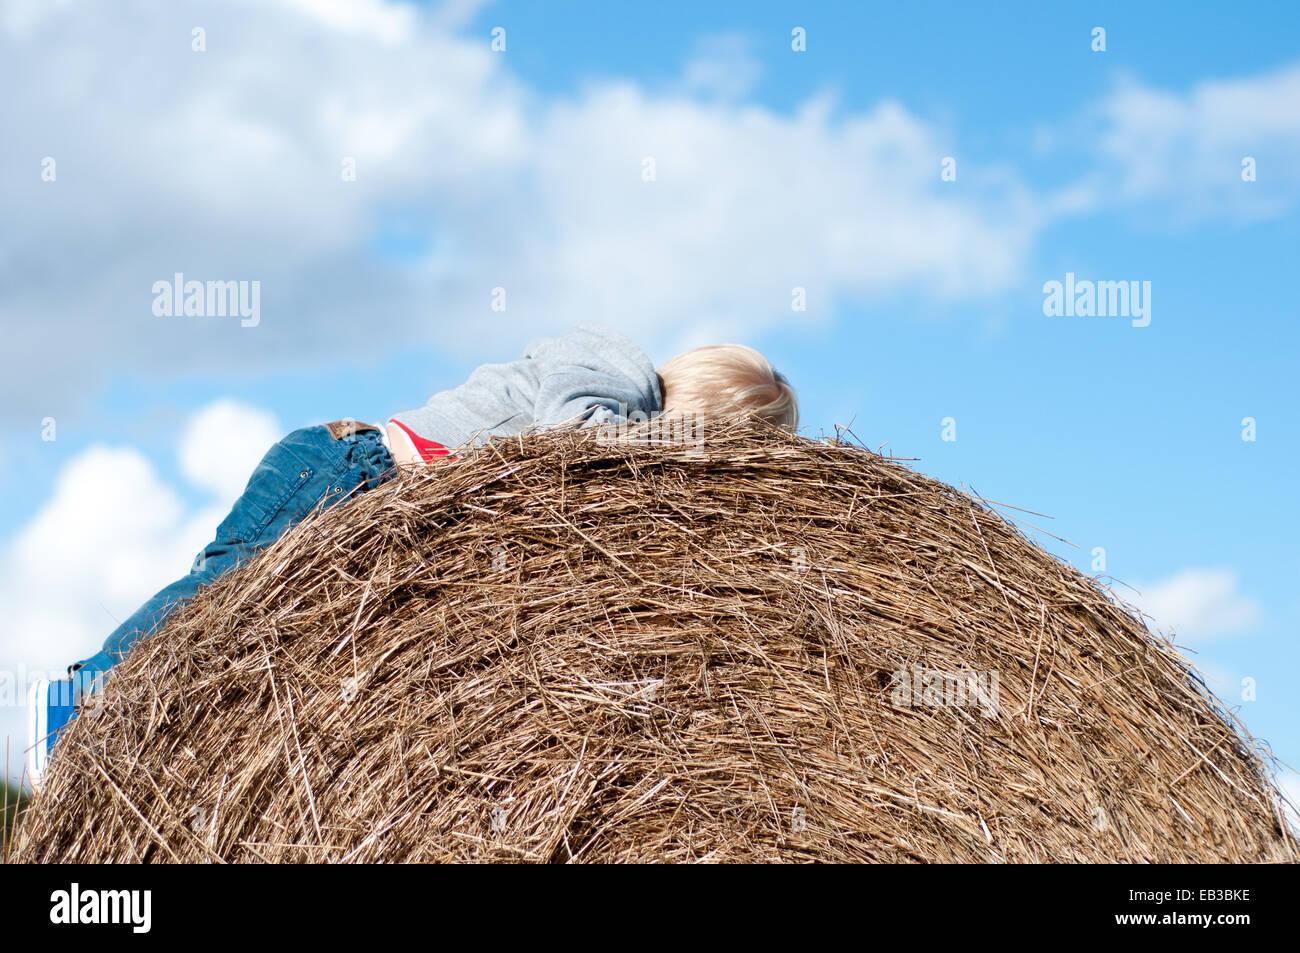 Boy lying on hay bale - Stock Image